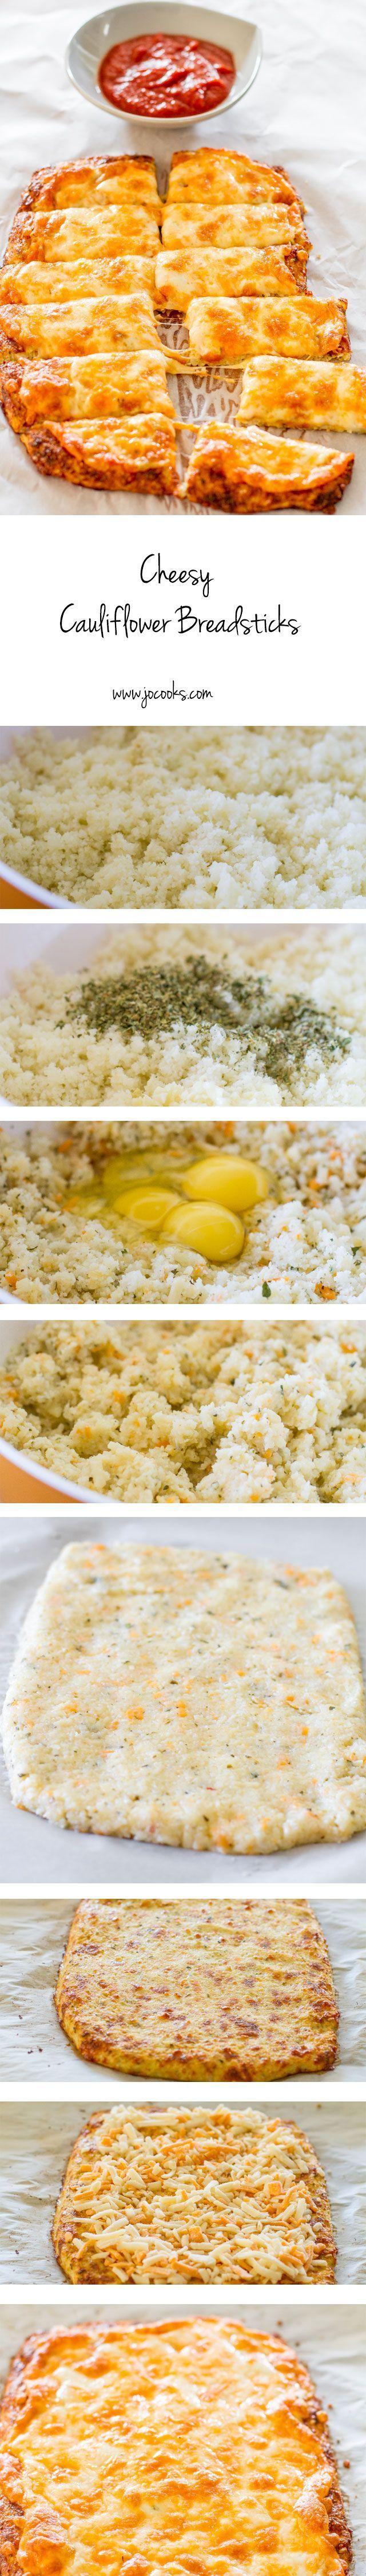 Palitos de queso y coliflor